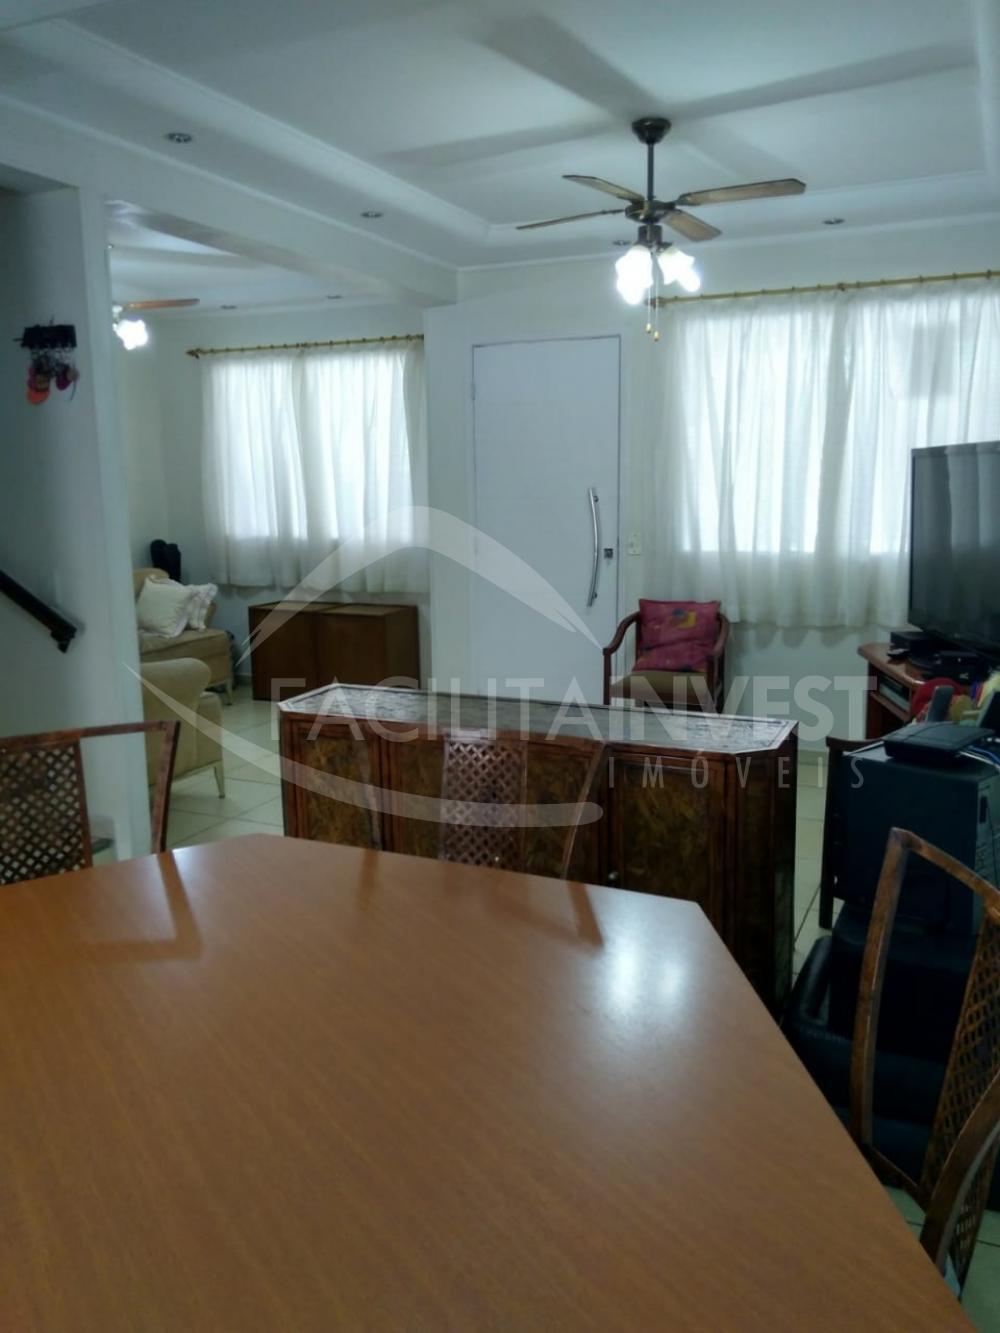 Comprar Casa Condomínio / Casa Condomínio em Ribeirão Preto apenas R$ 480.000,00 - Foto 2